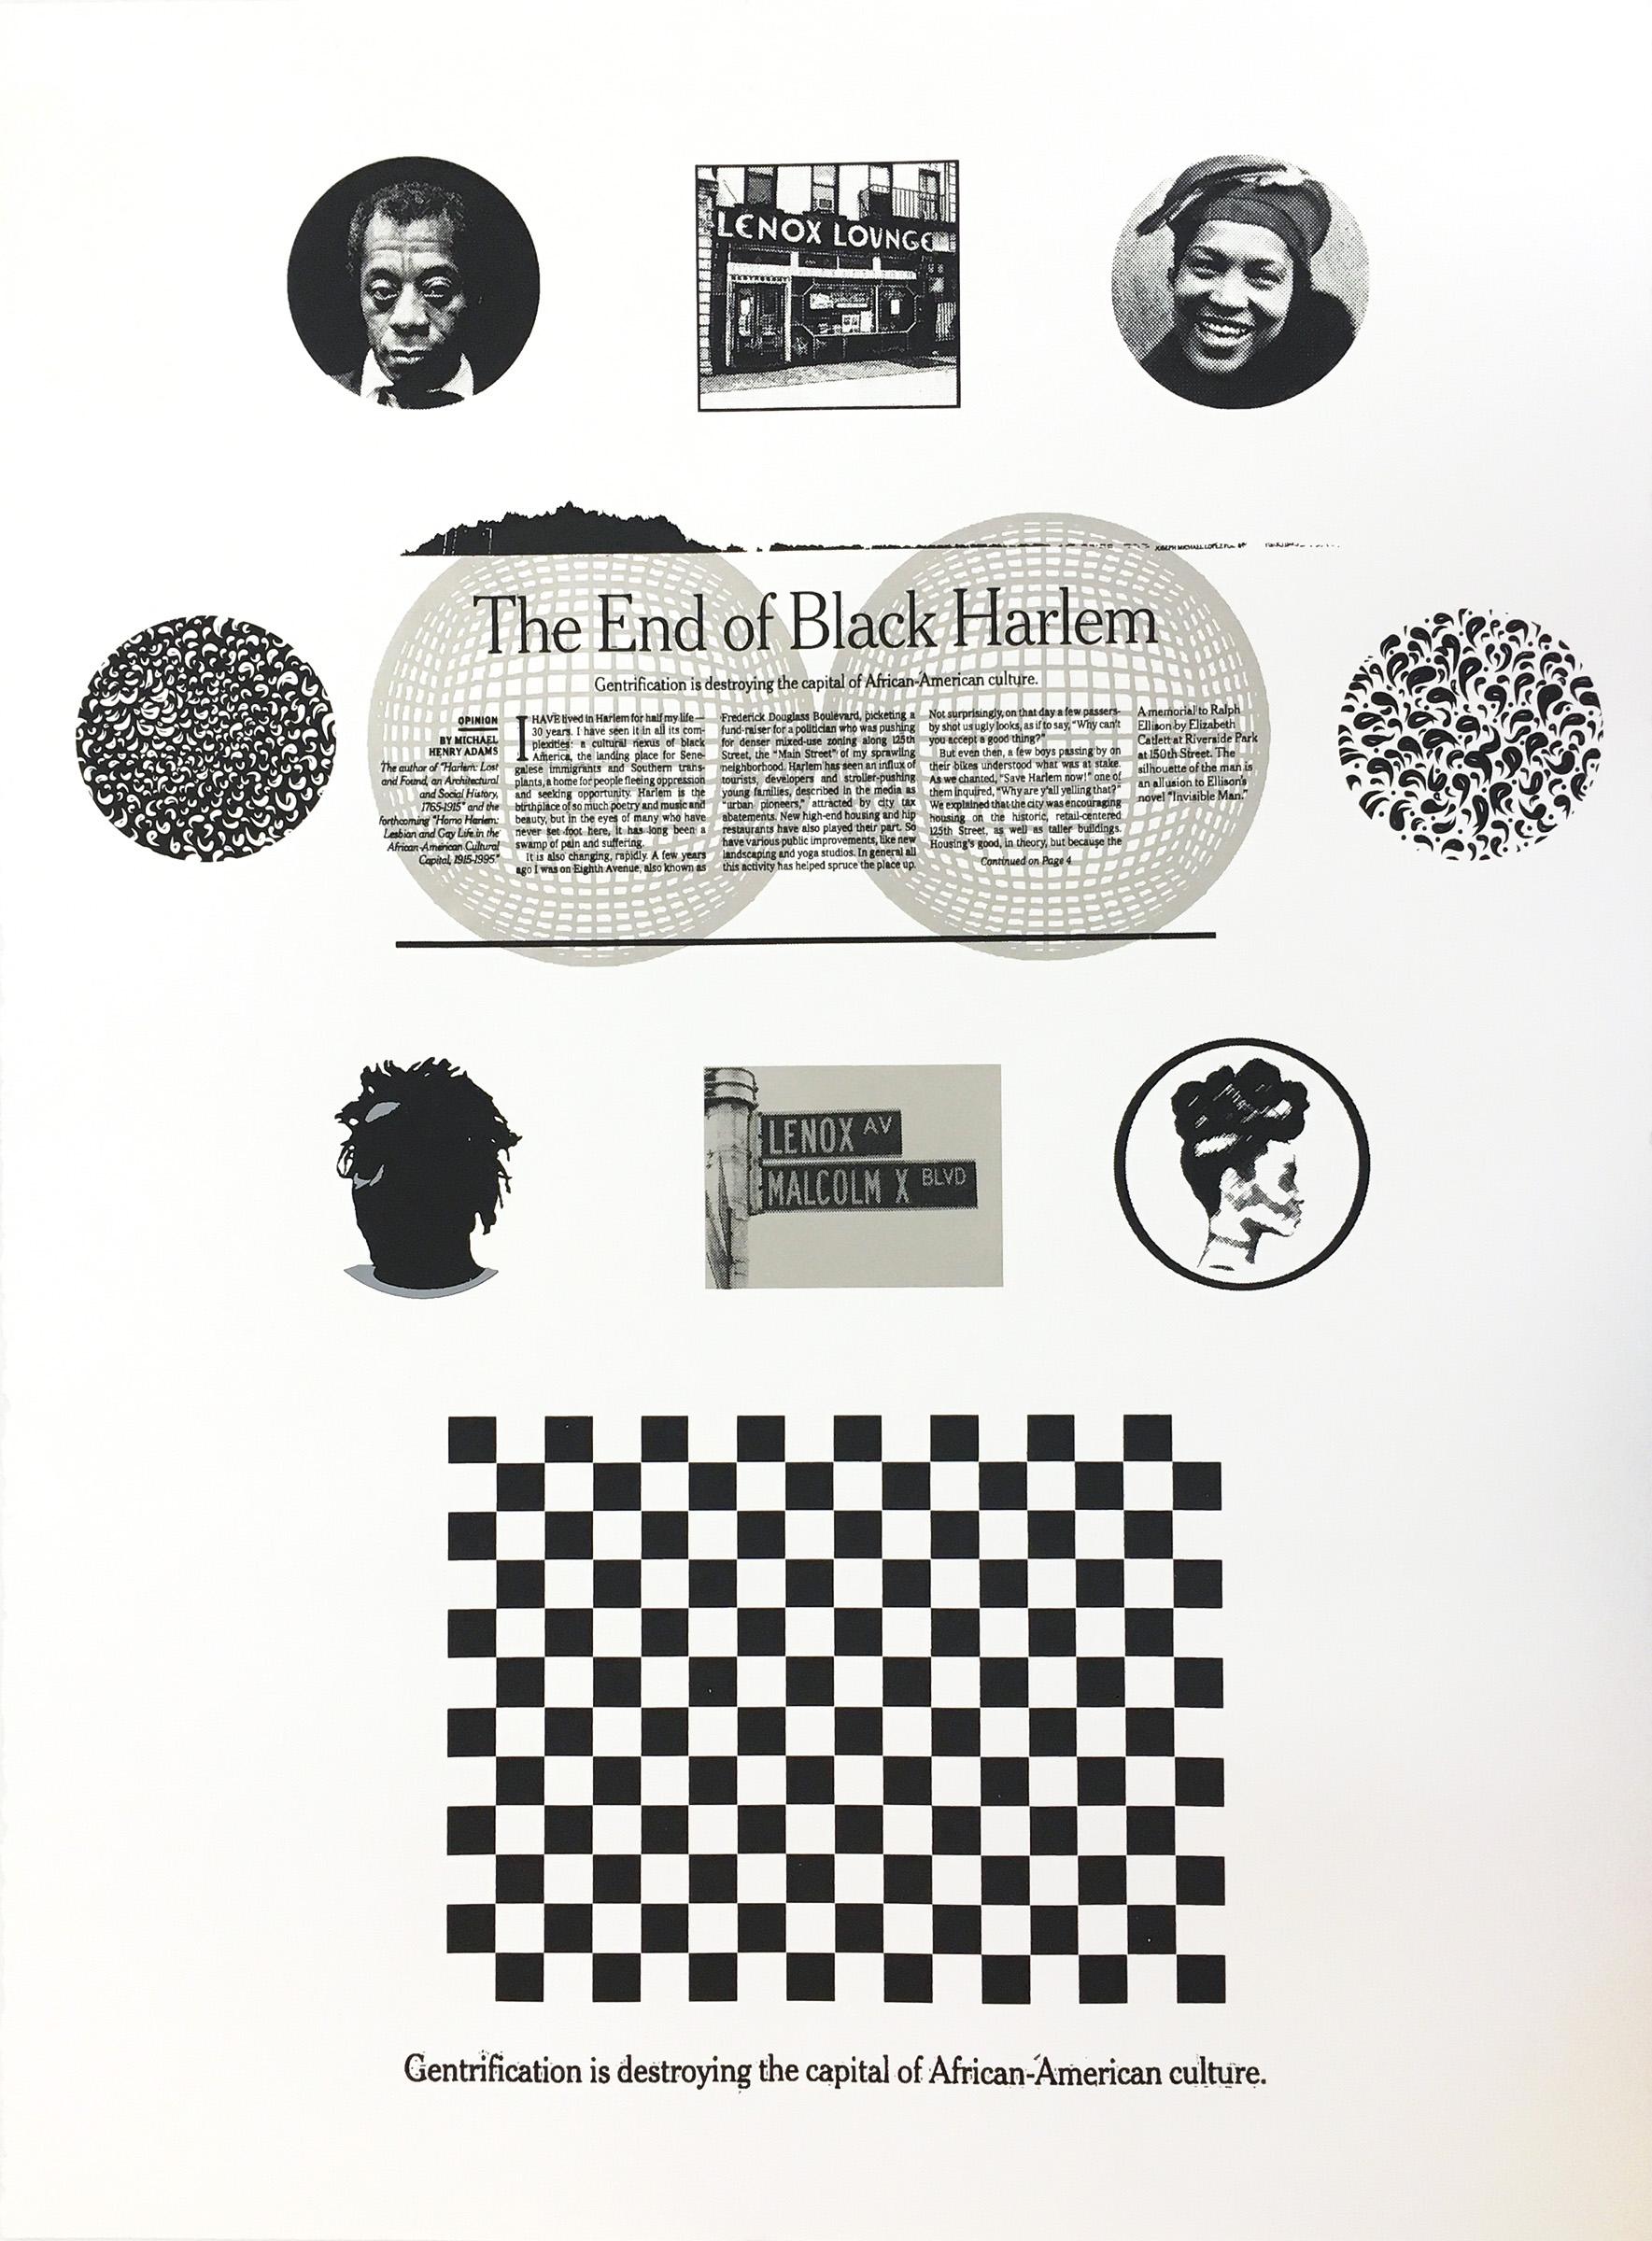 Karen J Revis | The End of Black Harlem | 2017 | Screenprint (Edition of 24) | 30 x 22 in.